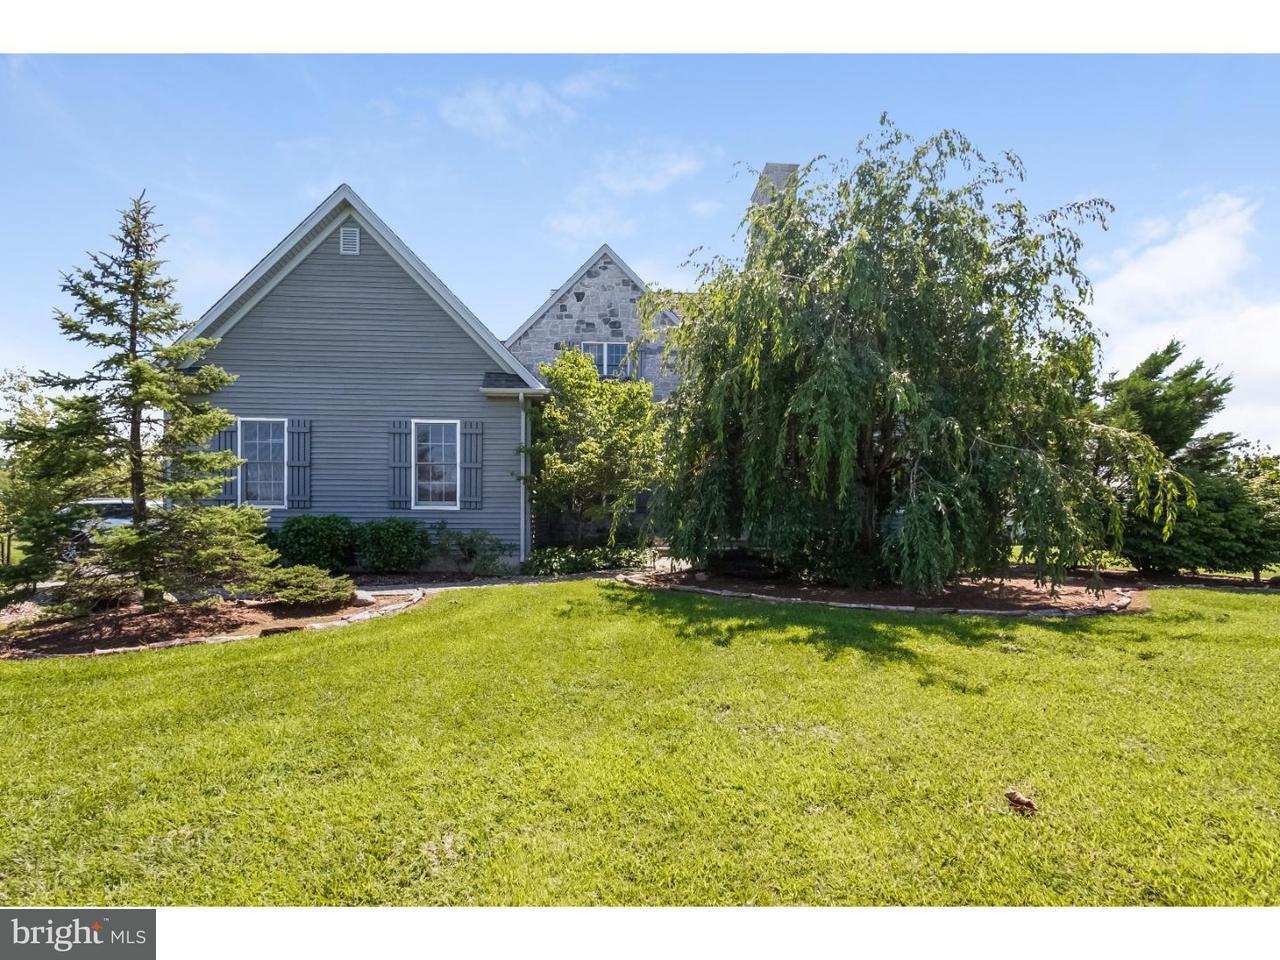 Частный односемейный дом для того Продажа на 48 WERTSVILLE Road Ringoes, Нью-Джерси 08551 Соединенные ШтатыВ/Около: East Amwell Township